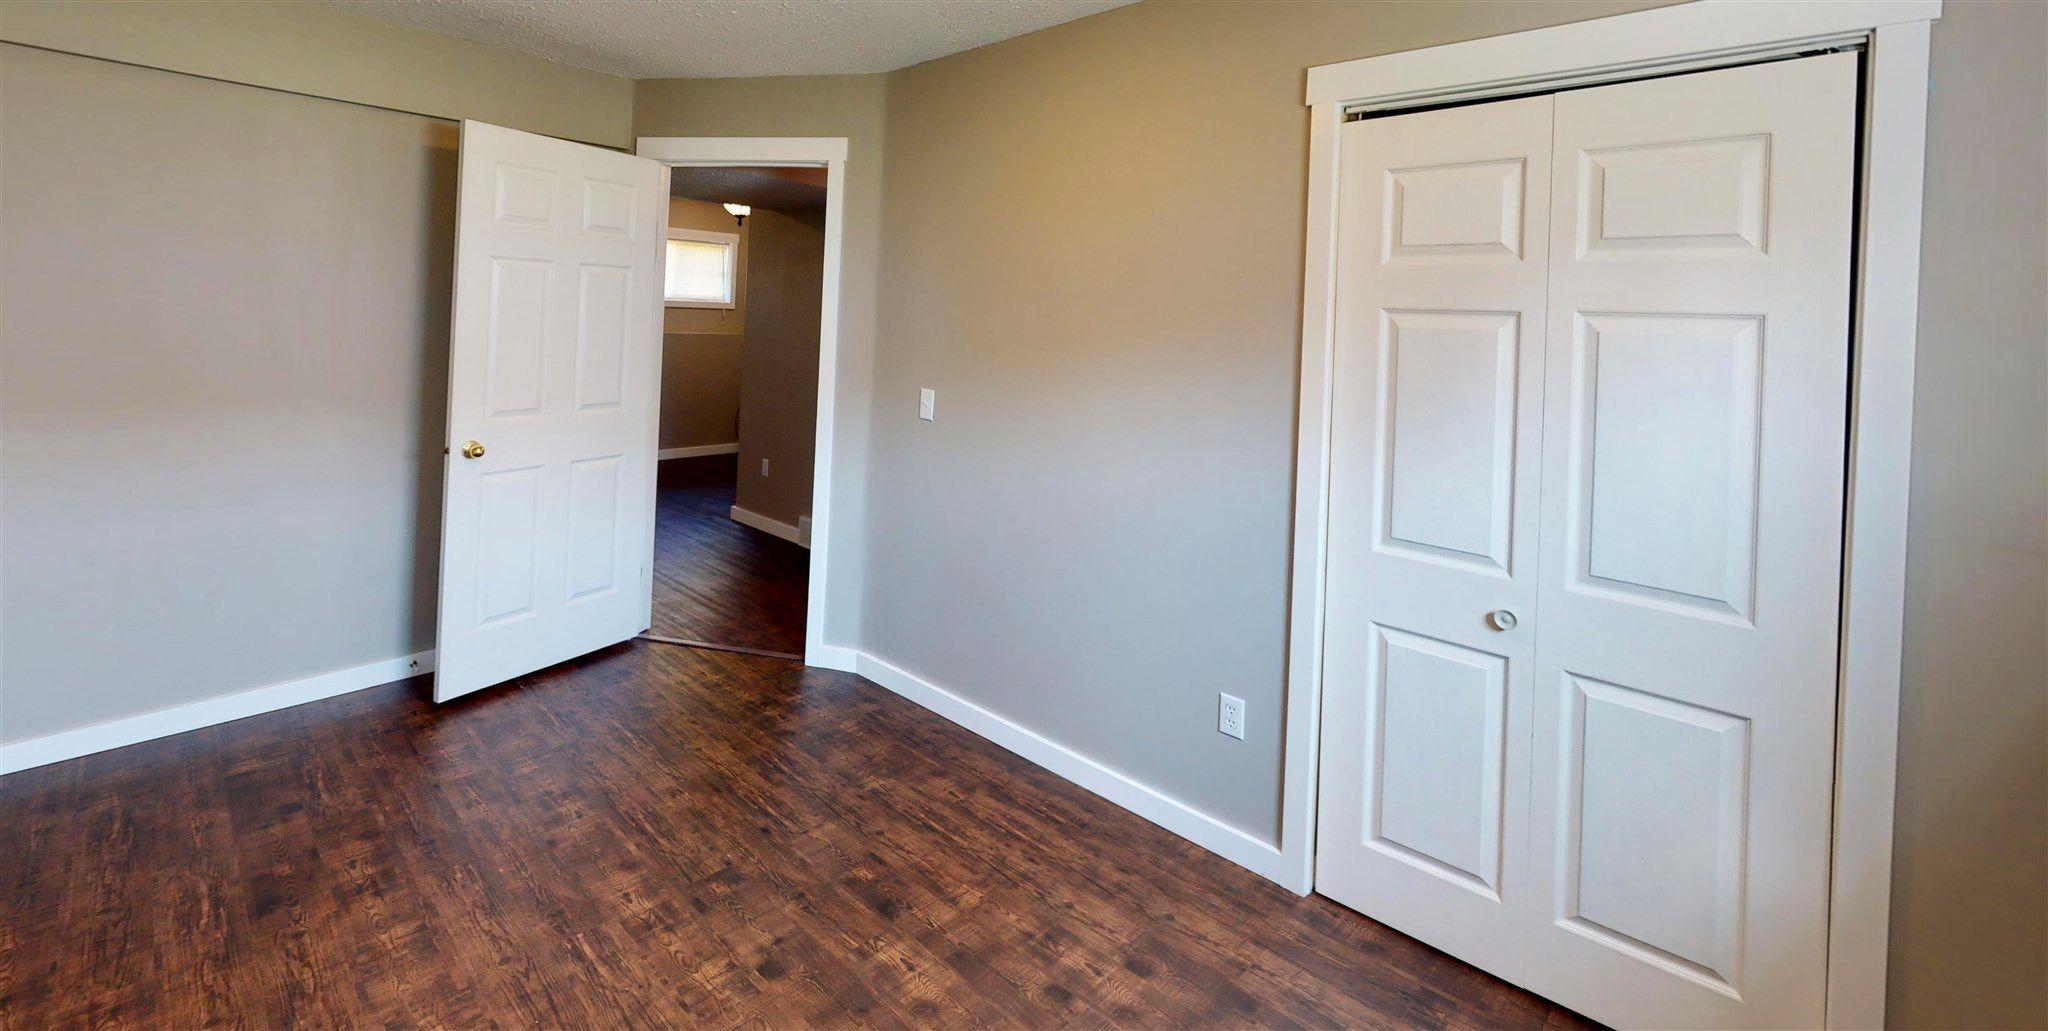 Photo 14: Photos: 10611 89 Street in Fort St. John: Fort St. John - City NE House for sale (Fort St. John (Zone 60))  : MLS®# R2602150